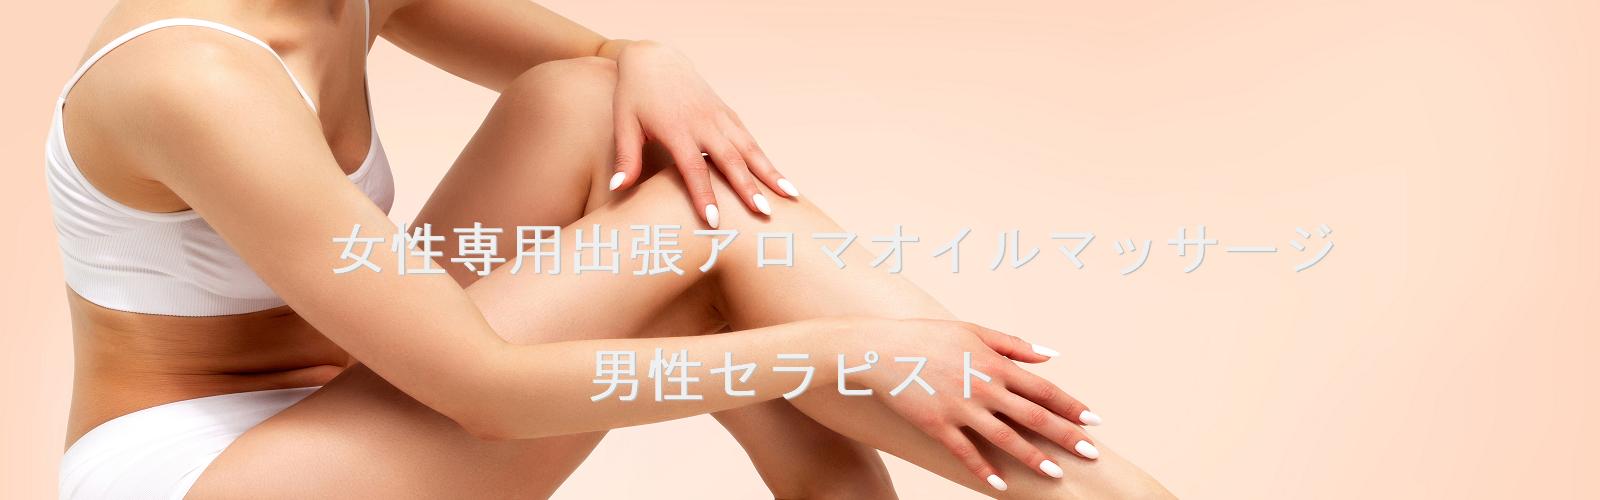 女性専用出張アロマオイルマッサージ埼玉・男性セラピスト